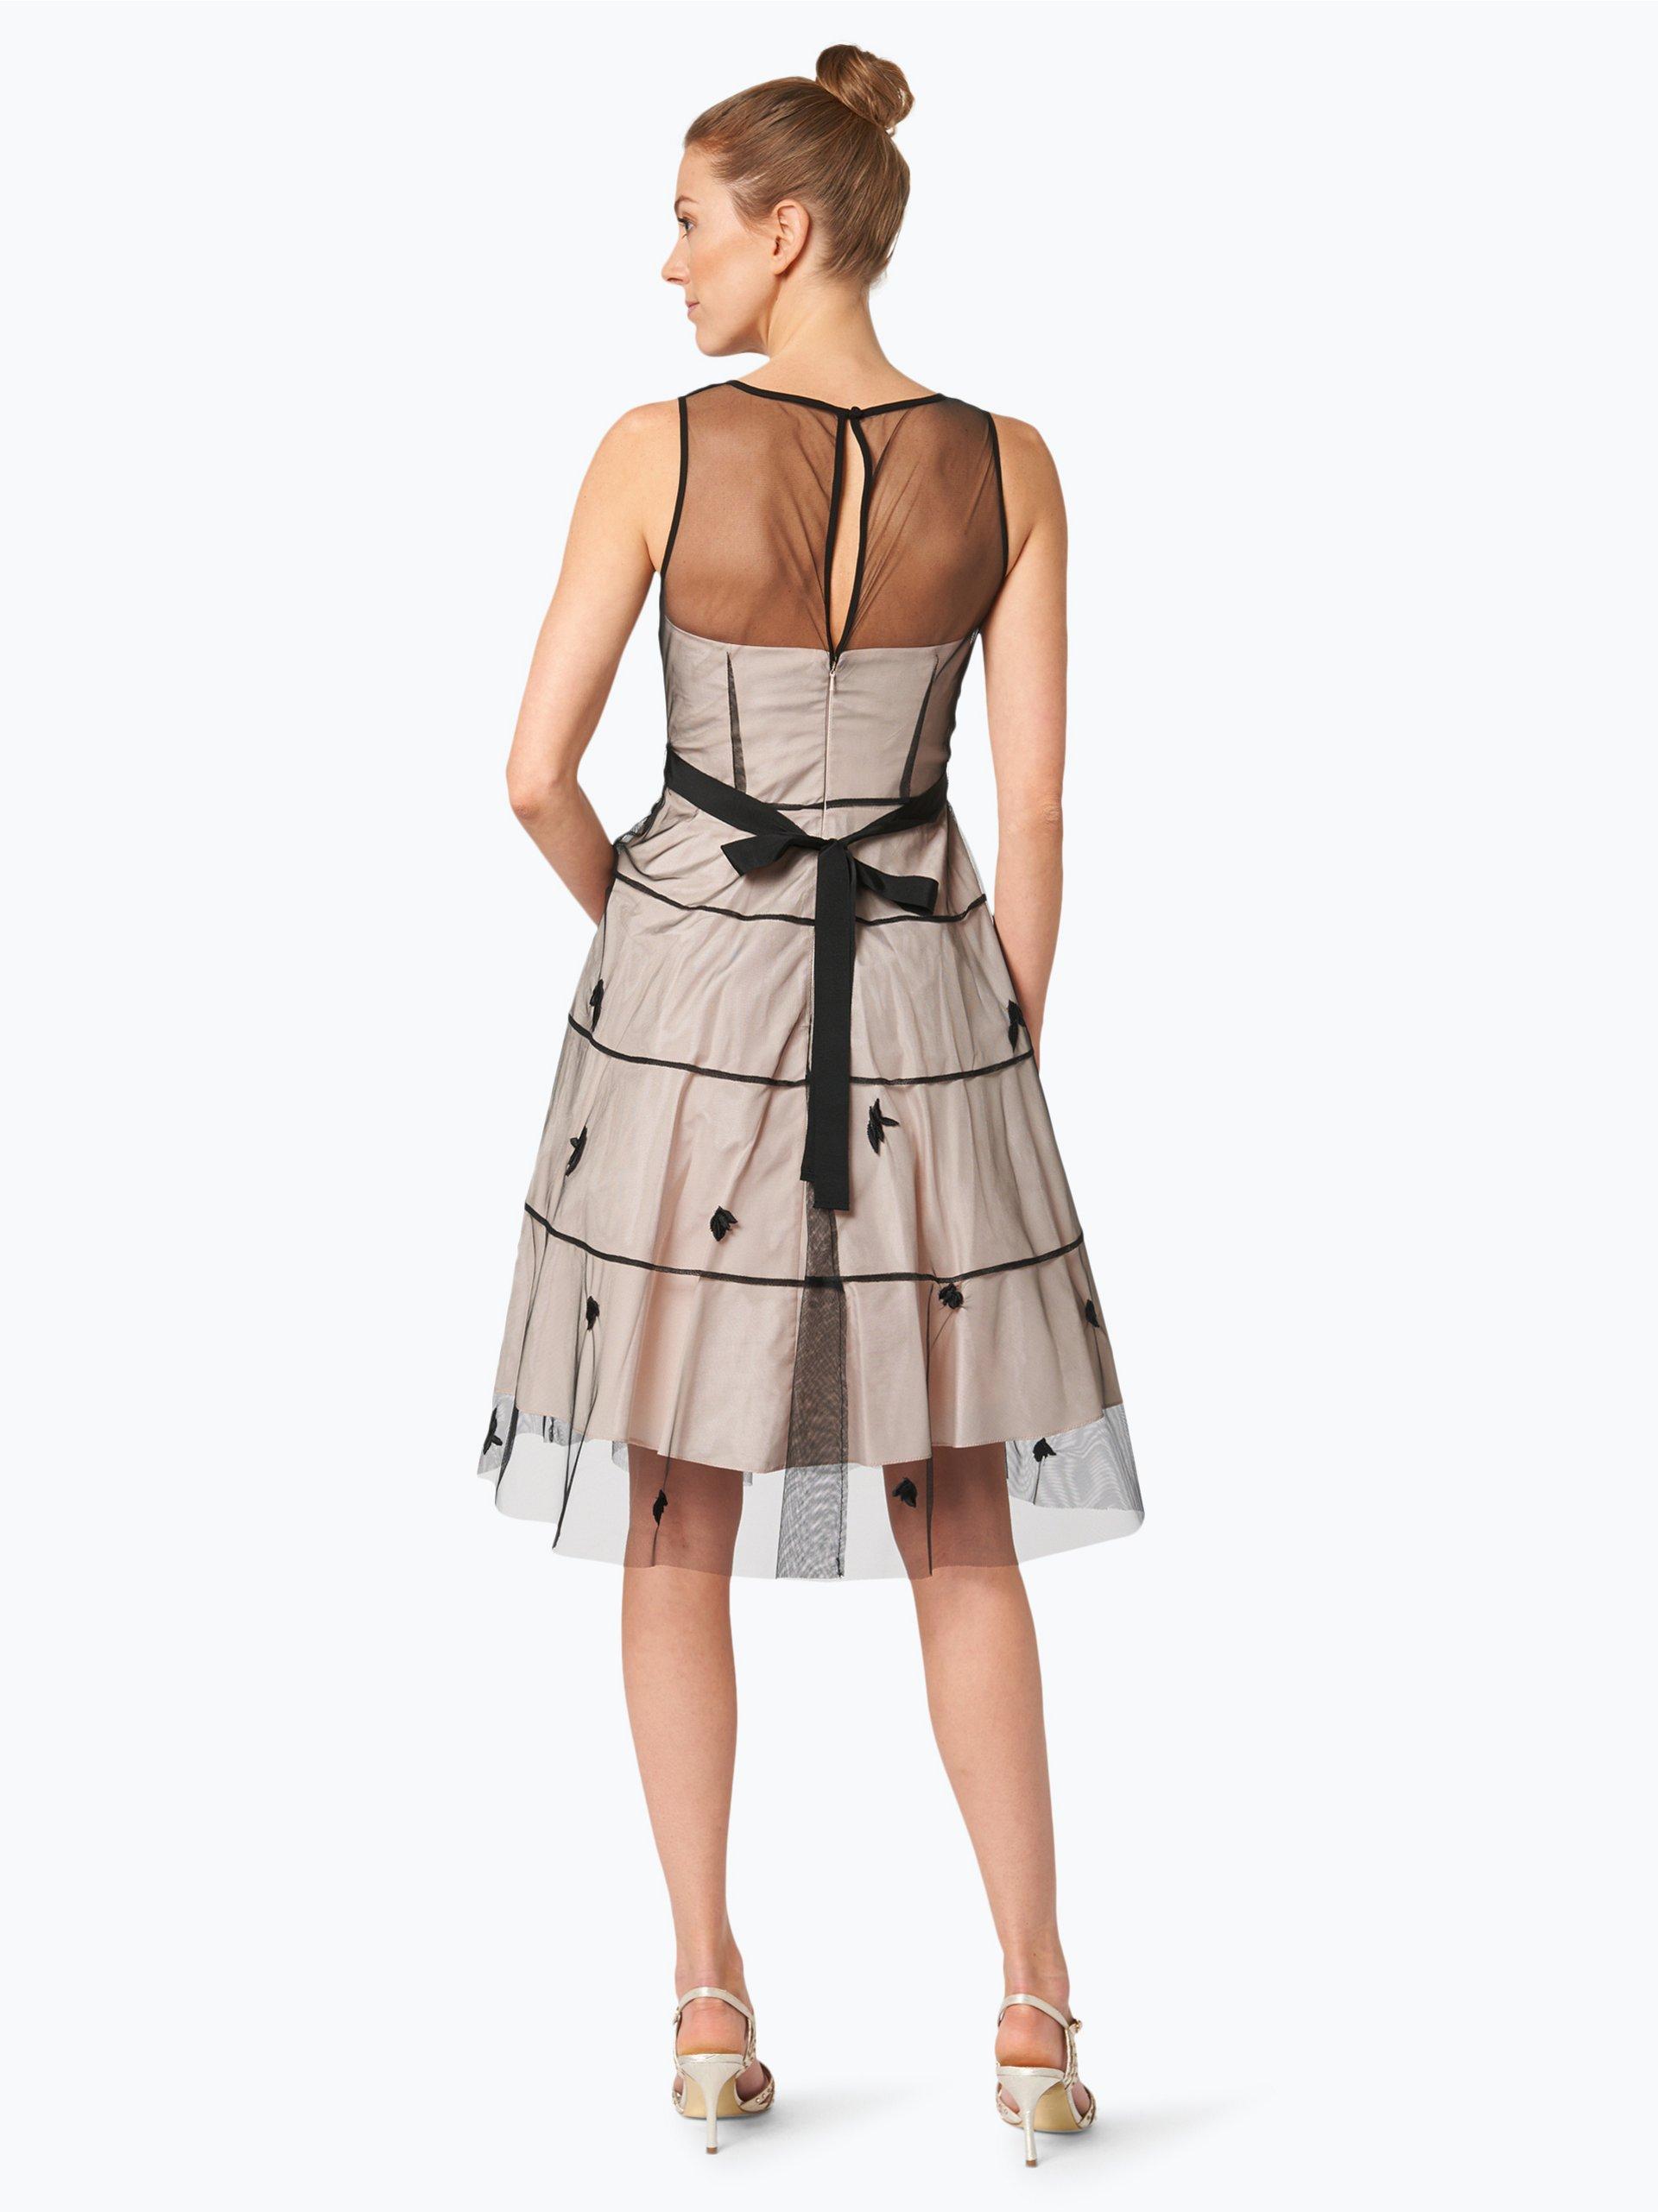 Coast Damen Cocktailkleid - Paola beige gemustert online kaufen ...